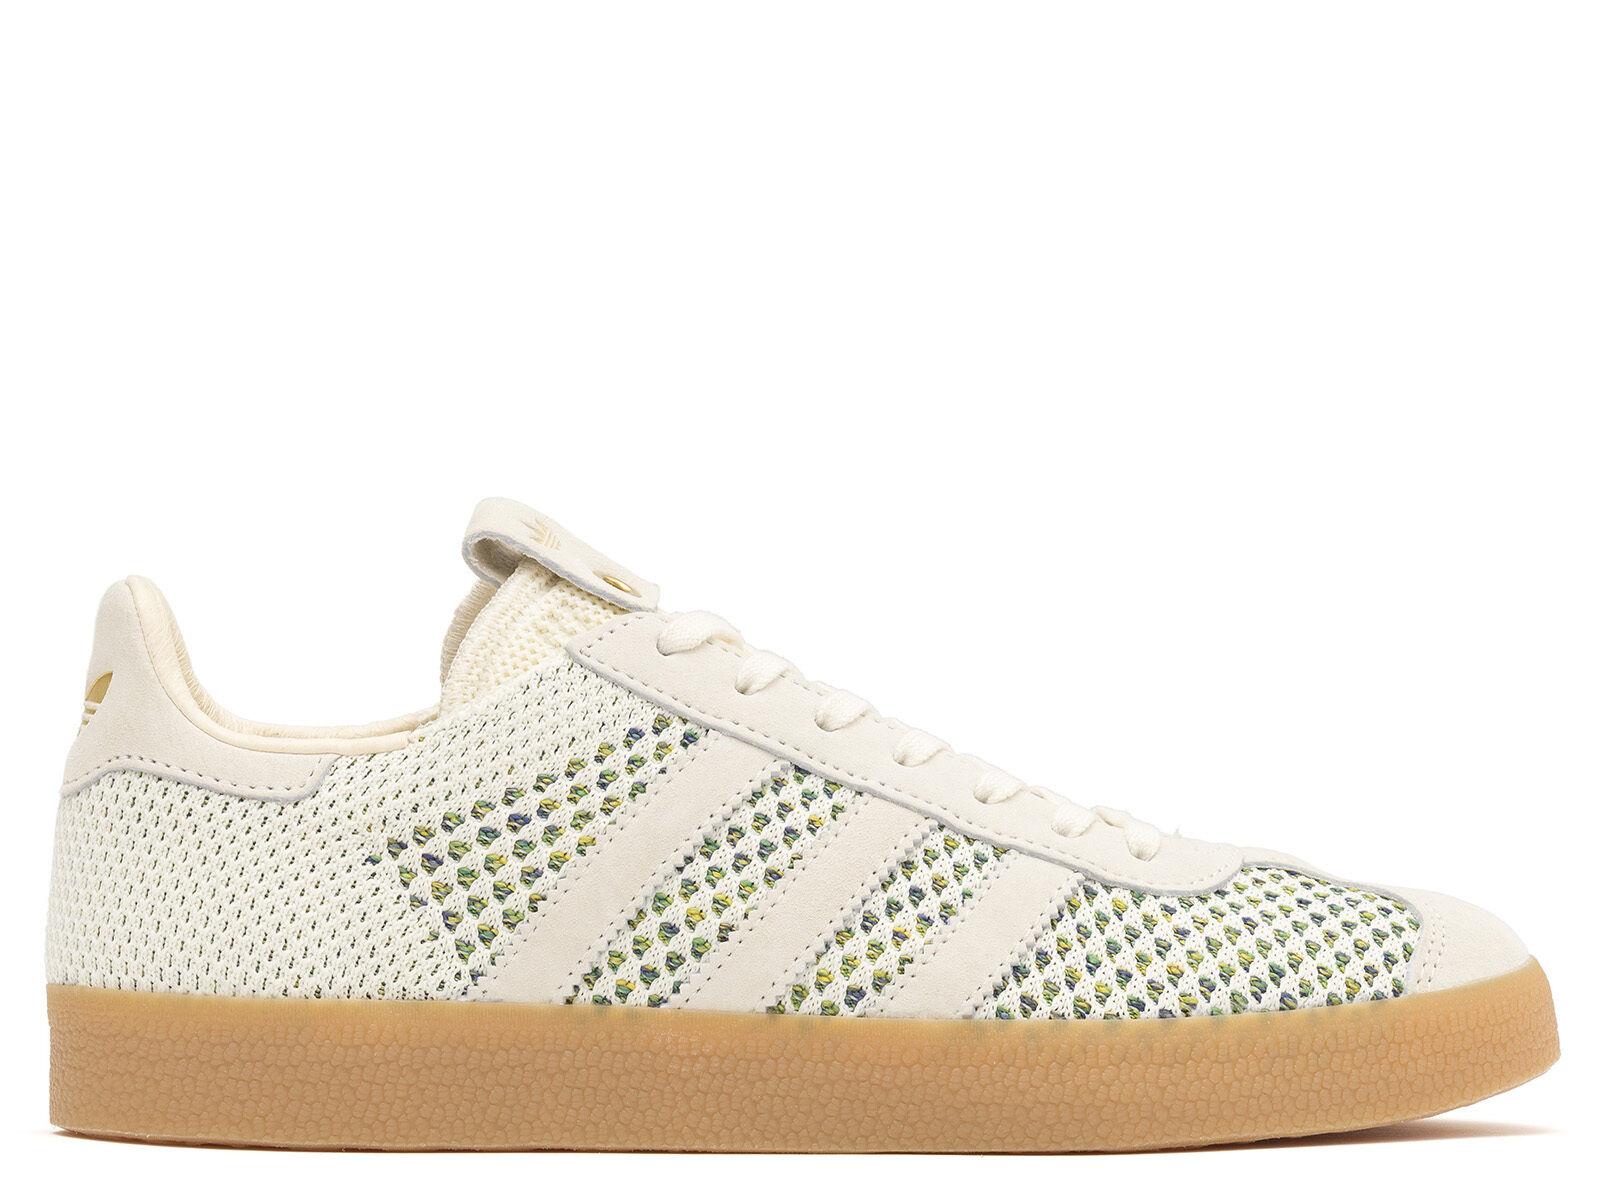 Hombre Nuevo Adidas Gazelle Pack Política Informal Zapatillas de Moda